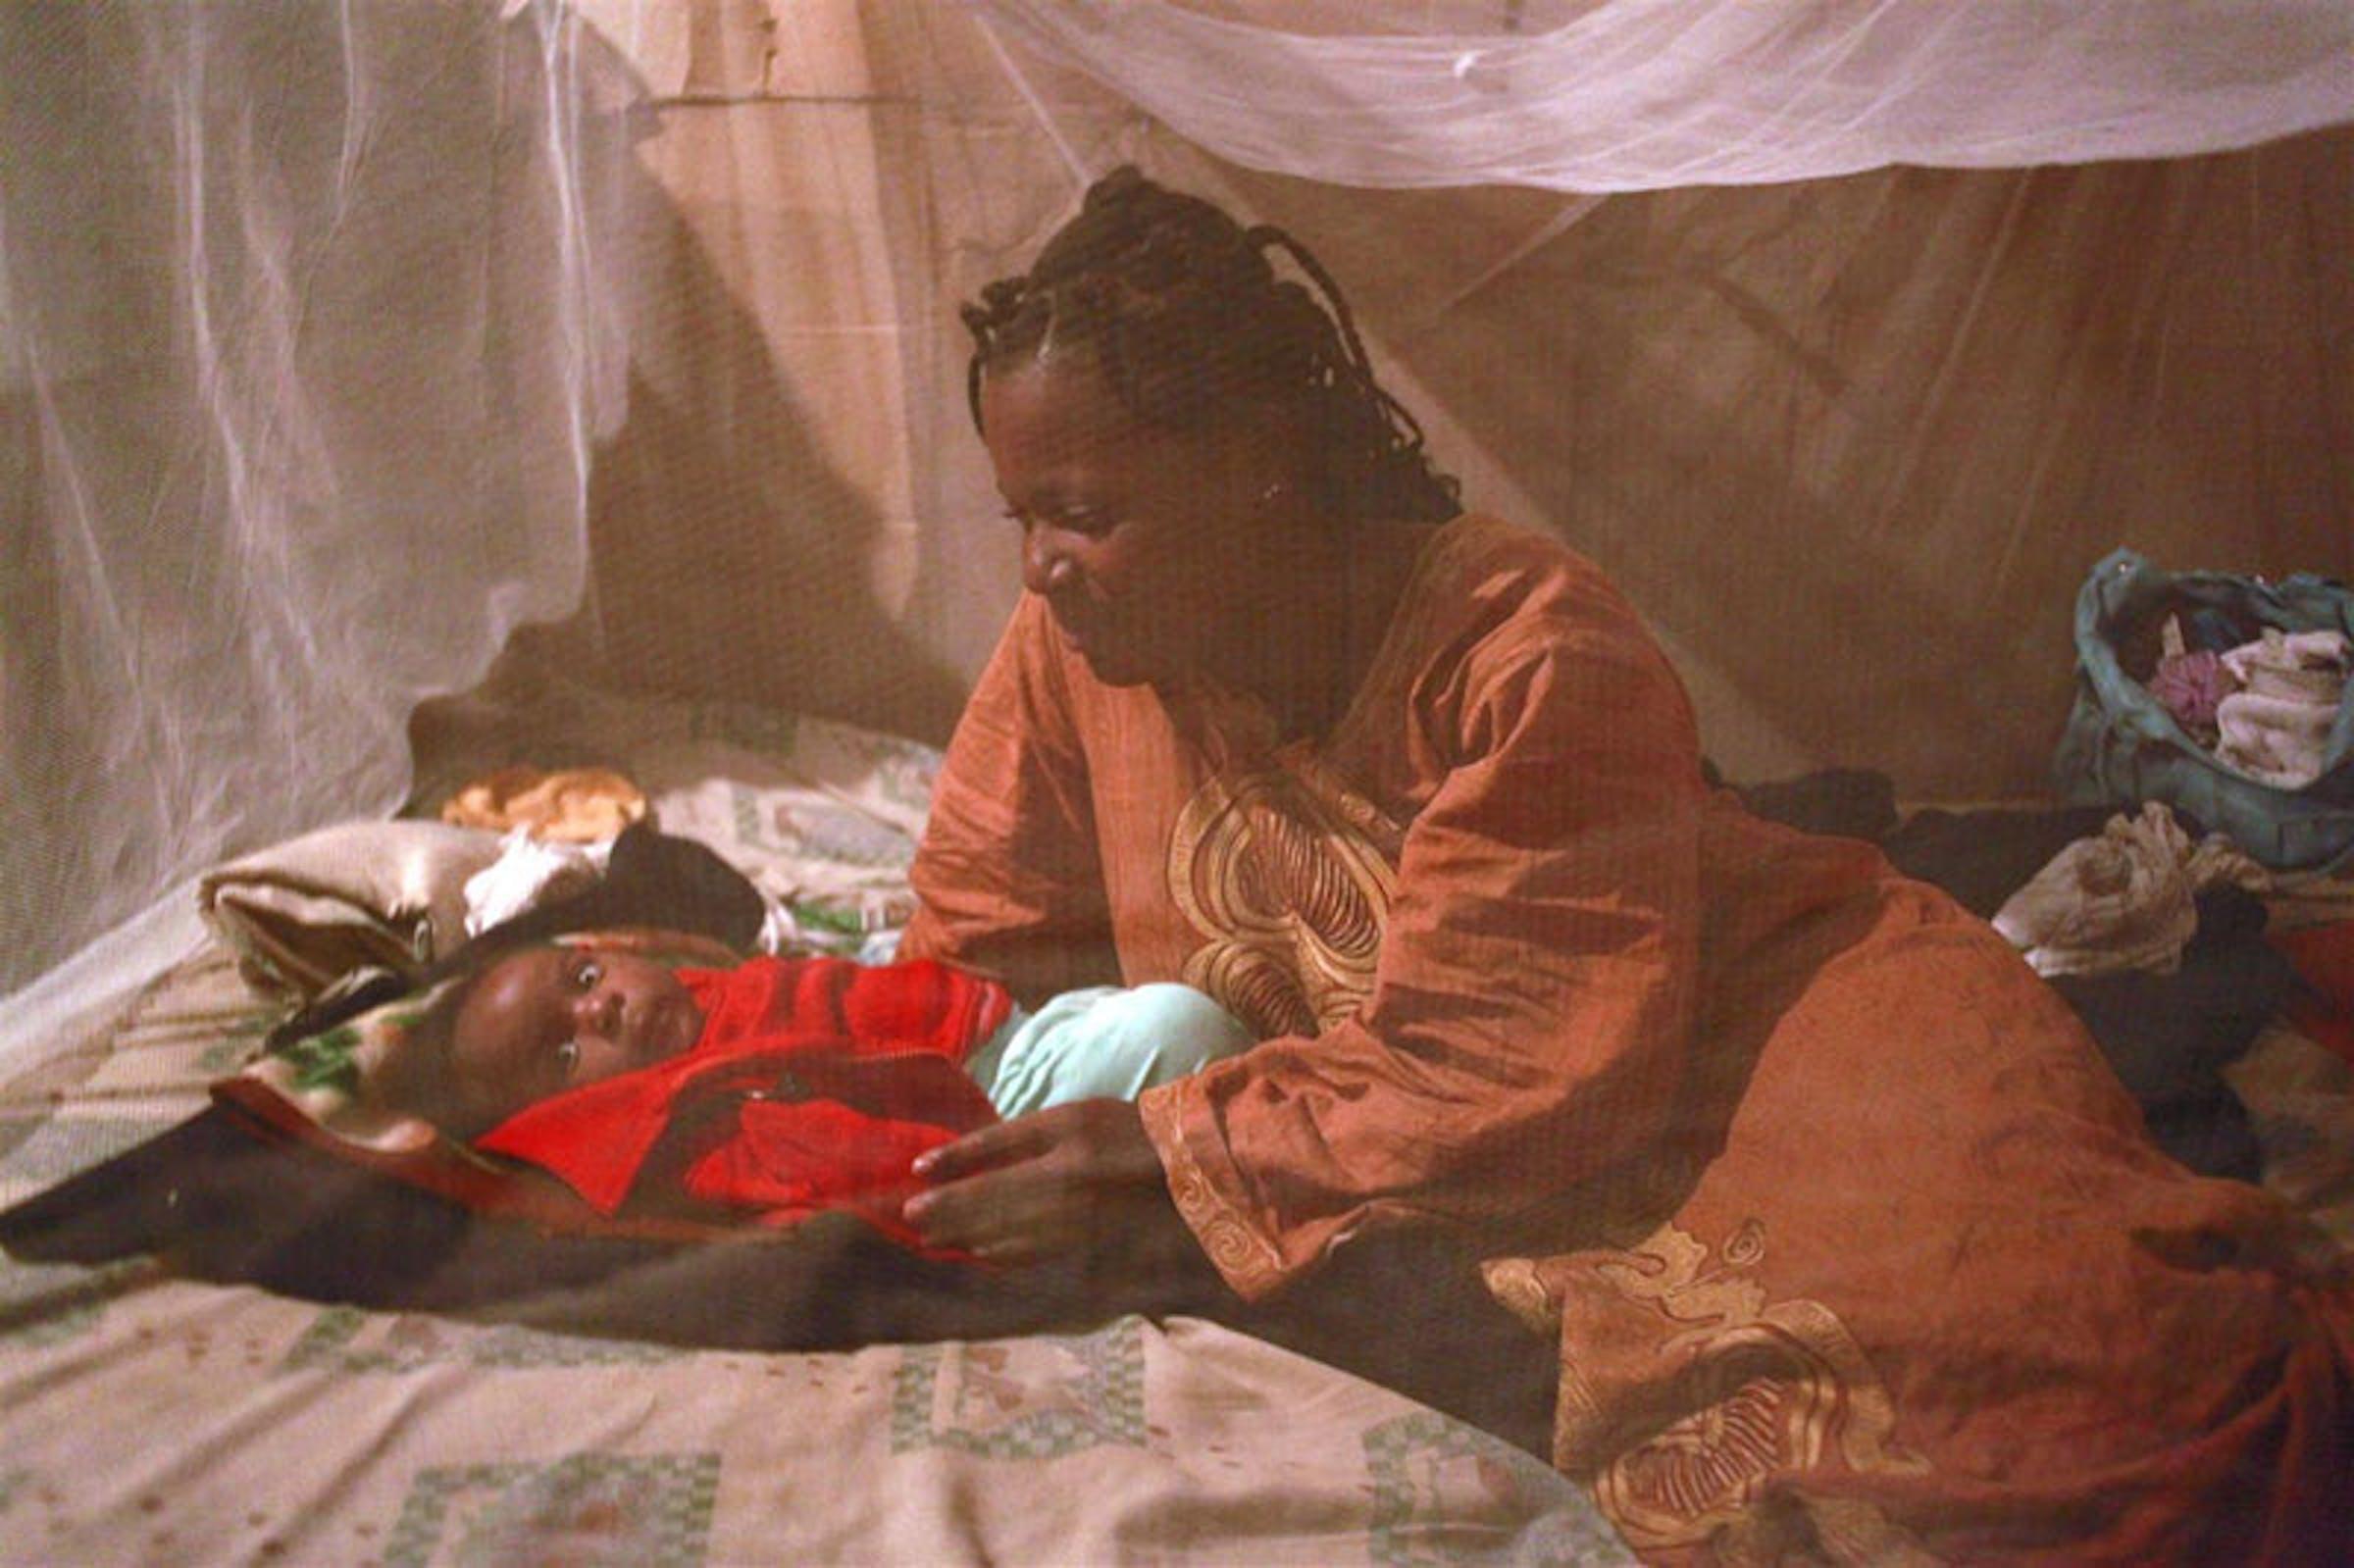 Chance Musigwa insieme al piccolo Marcelin (2 mesi) sotto la nuova zanzariera ricevuta dall'UNICEF nel distretto di Lumumbashi (Repubblica Democratica del Congo) - ©UNICEF RDC/2010-0088/J.Connelly